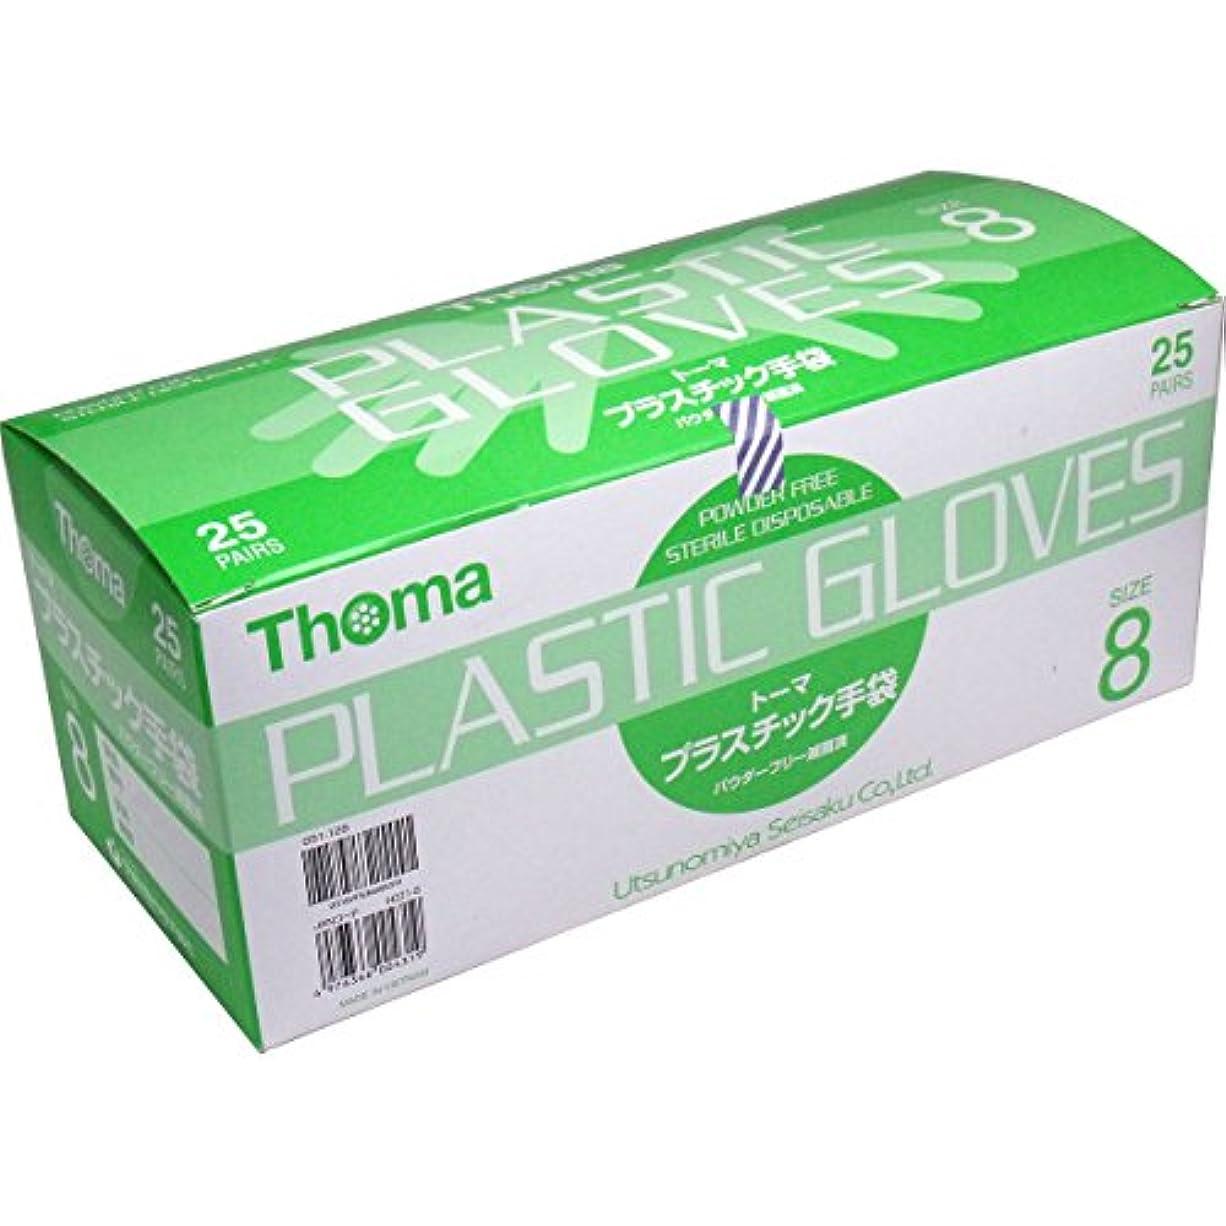 複合観察するチップポリ塩化ビニル製 手袋 1双毎に滅菌包装、衛生的 人気商品 トーマ プラスチック手袋 パウダーフリー滅菌済 25双入 サイズ8